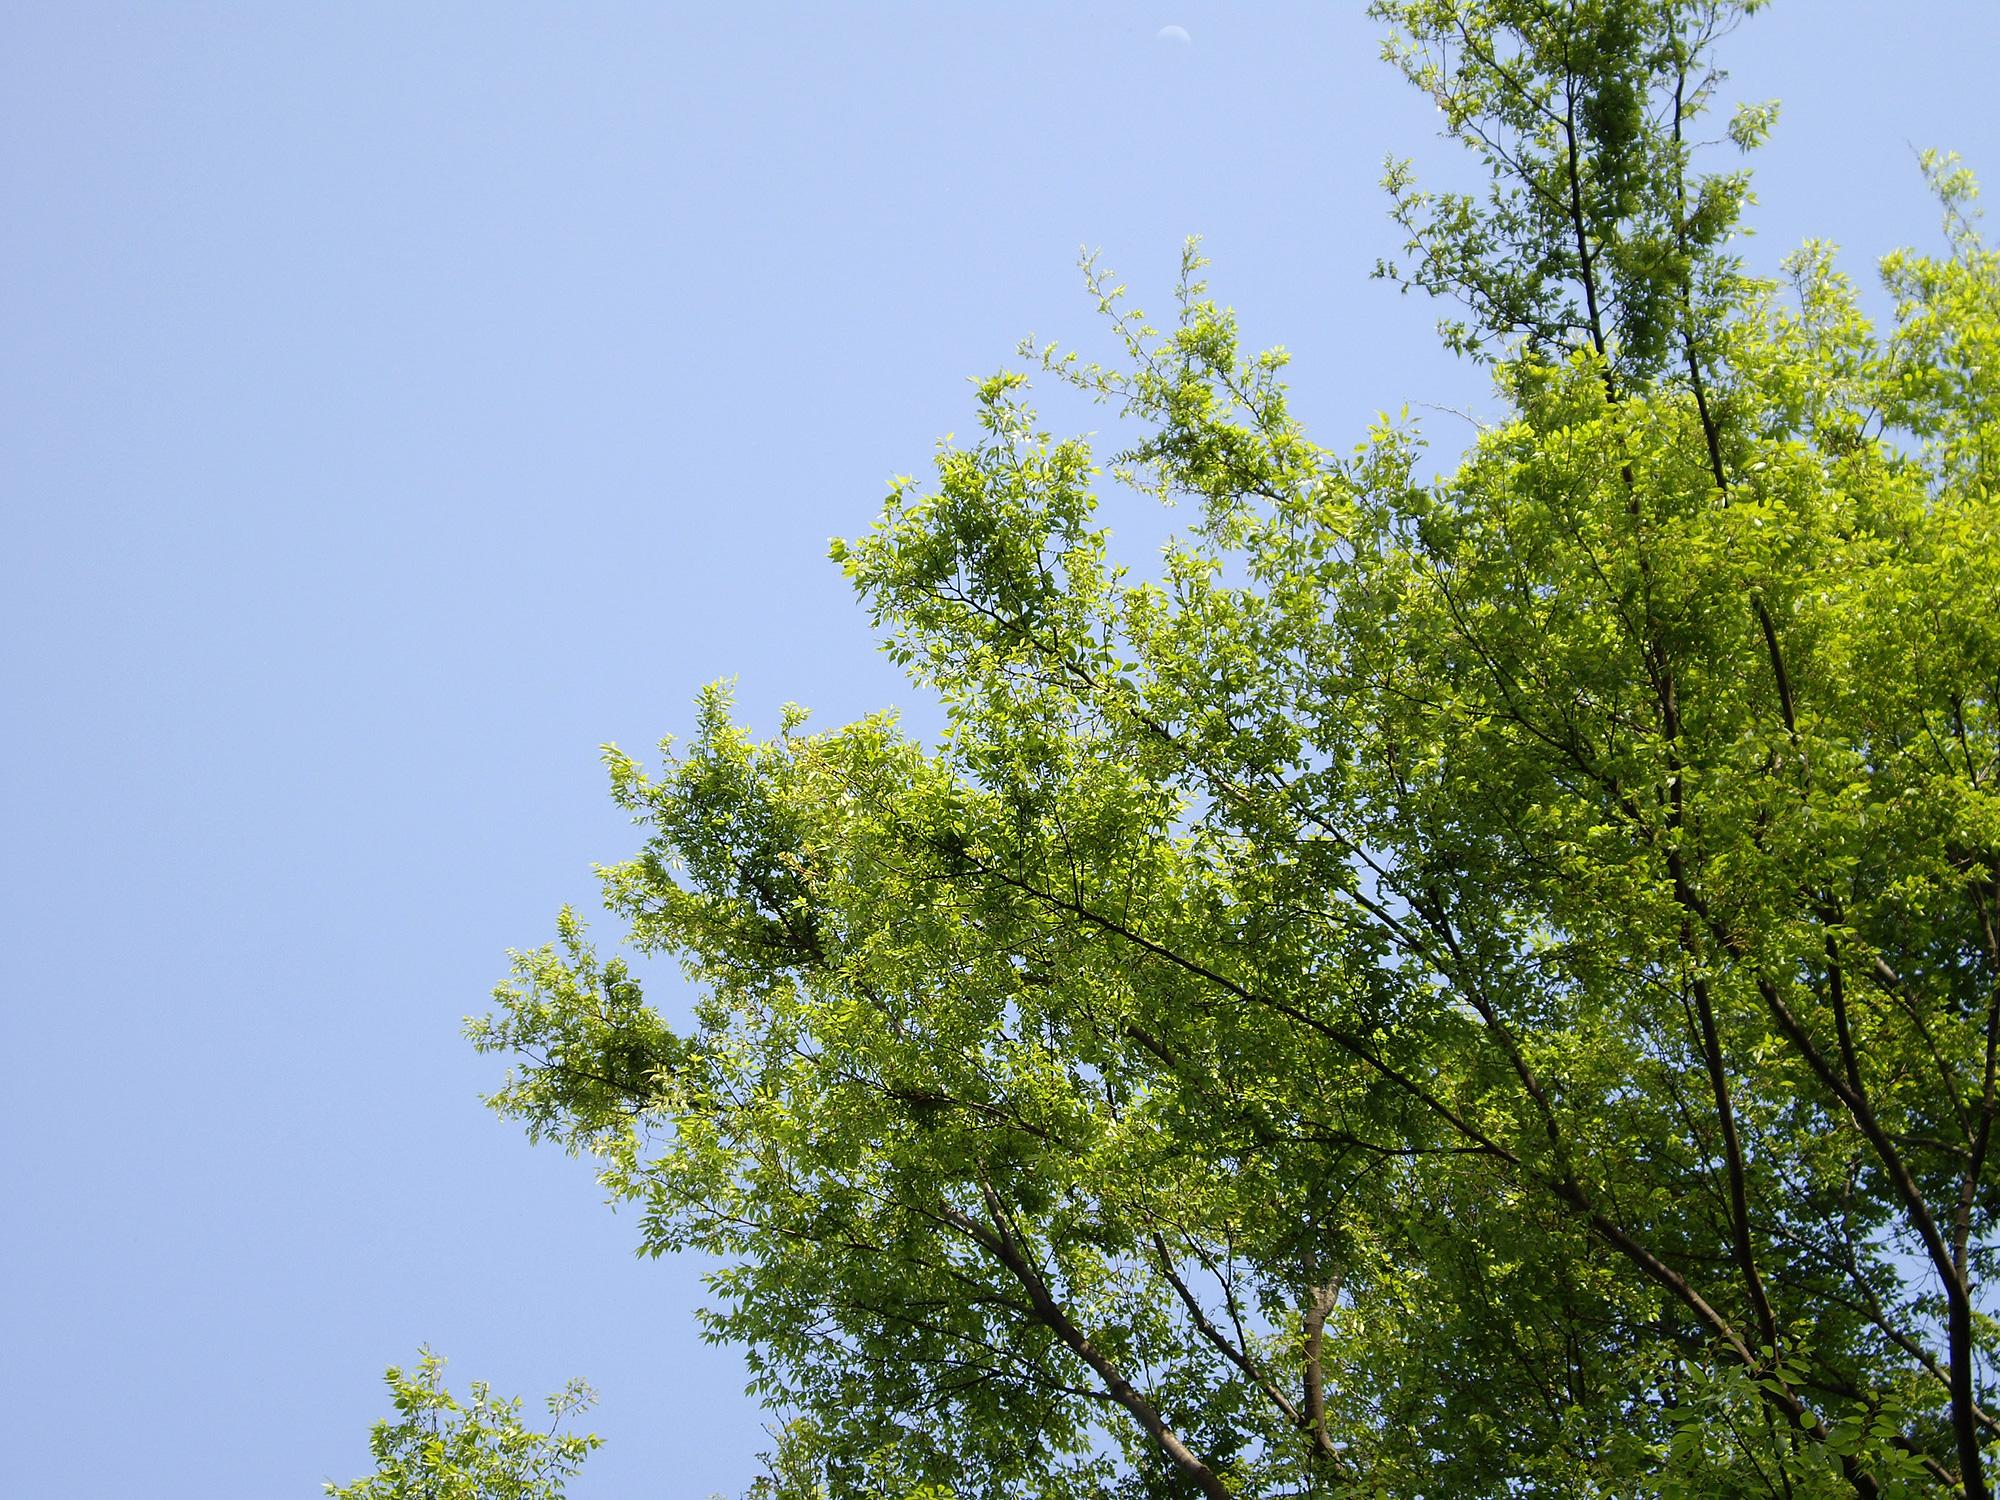 太陽に輝く葉の写真のフリー素材